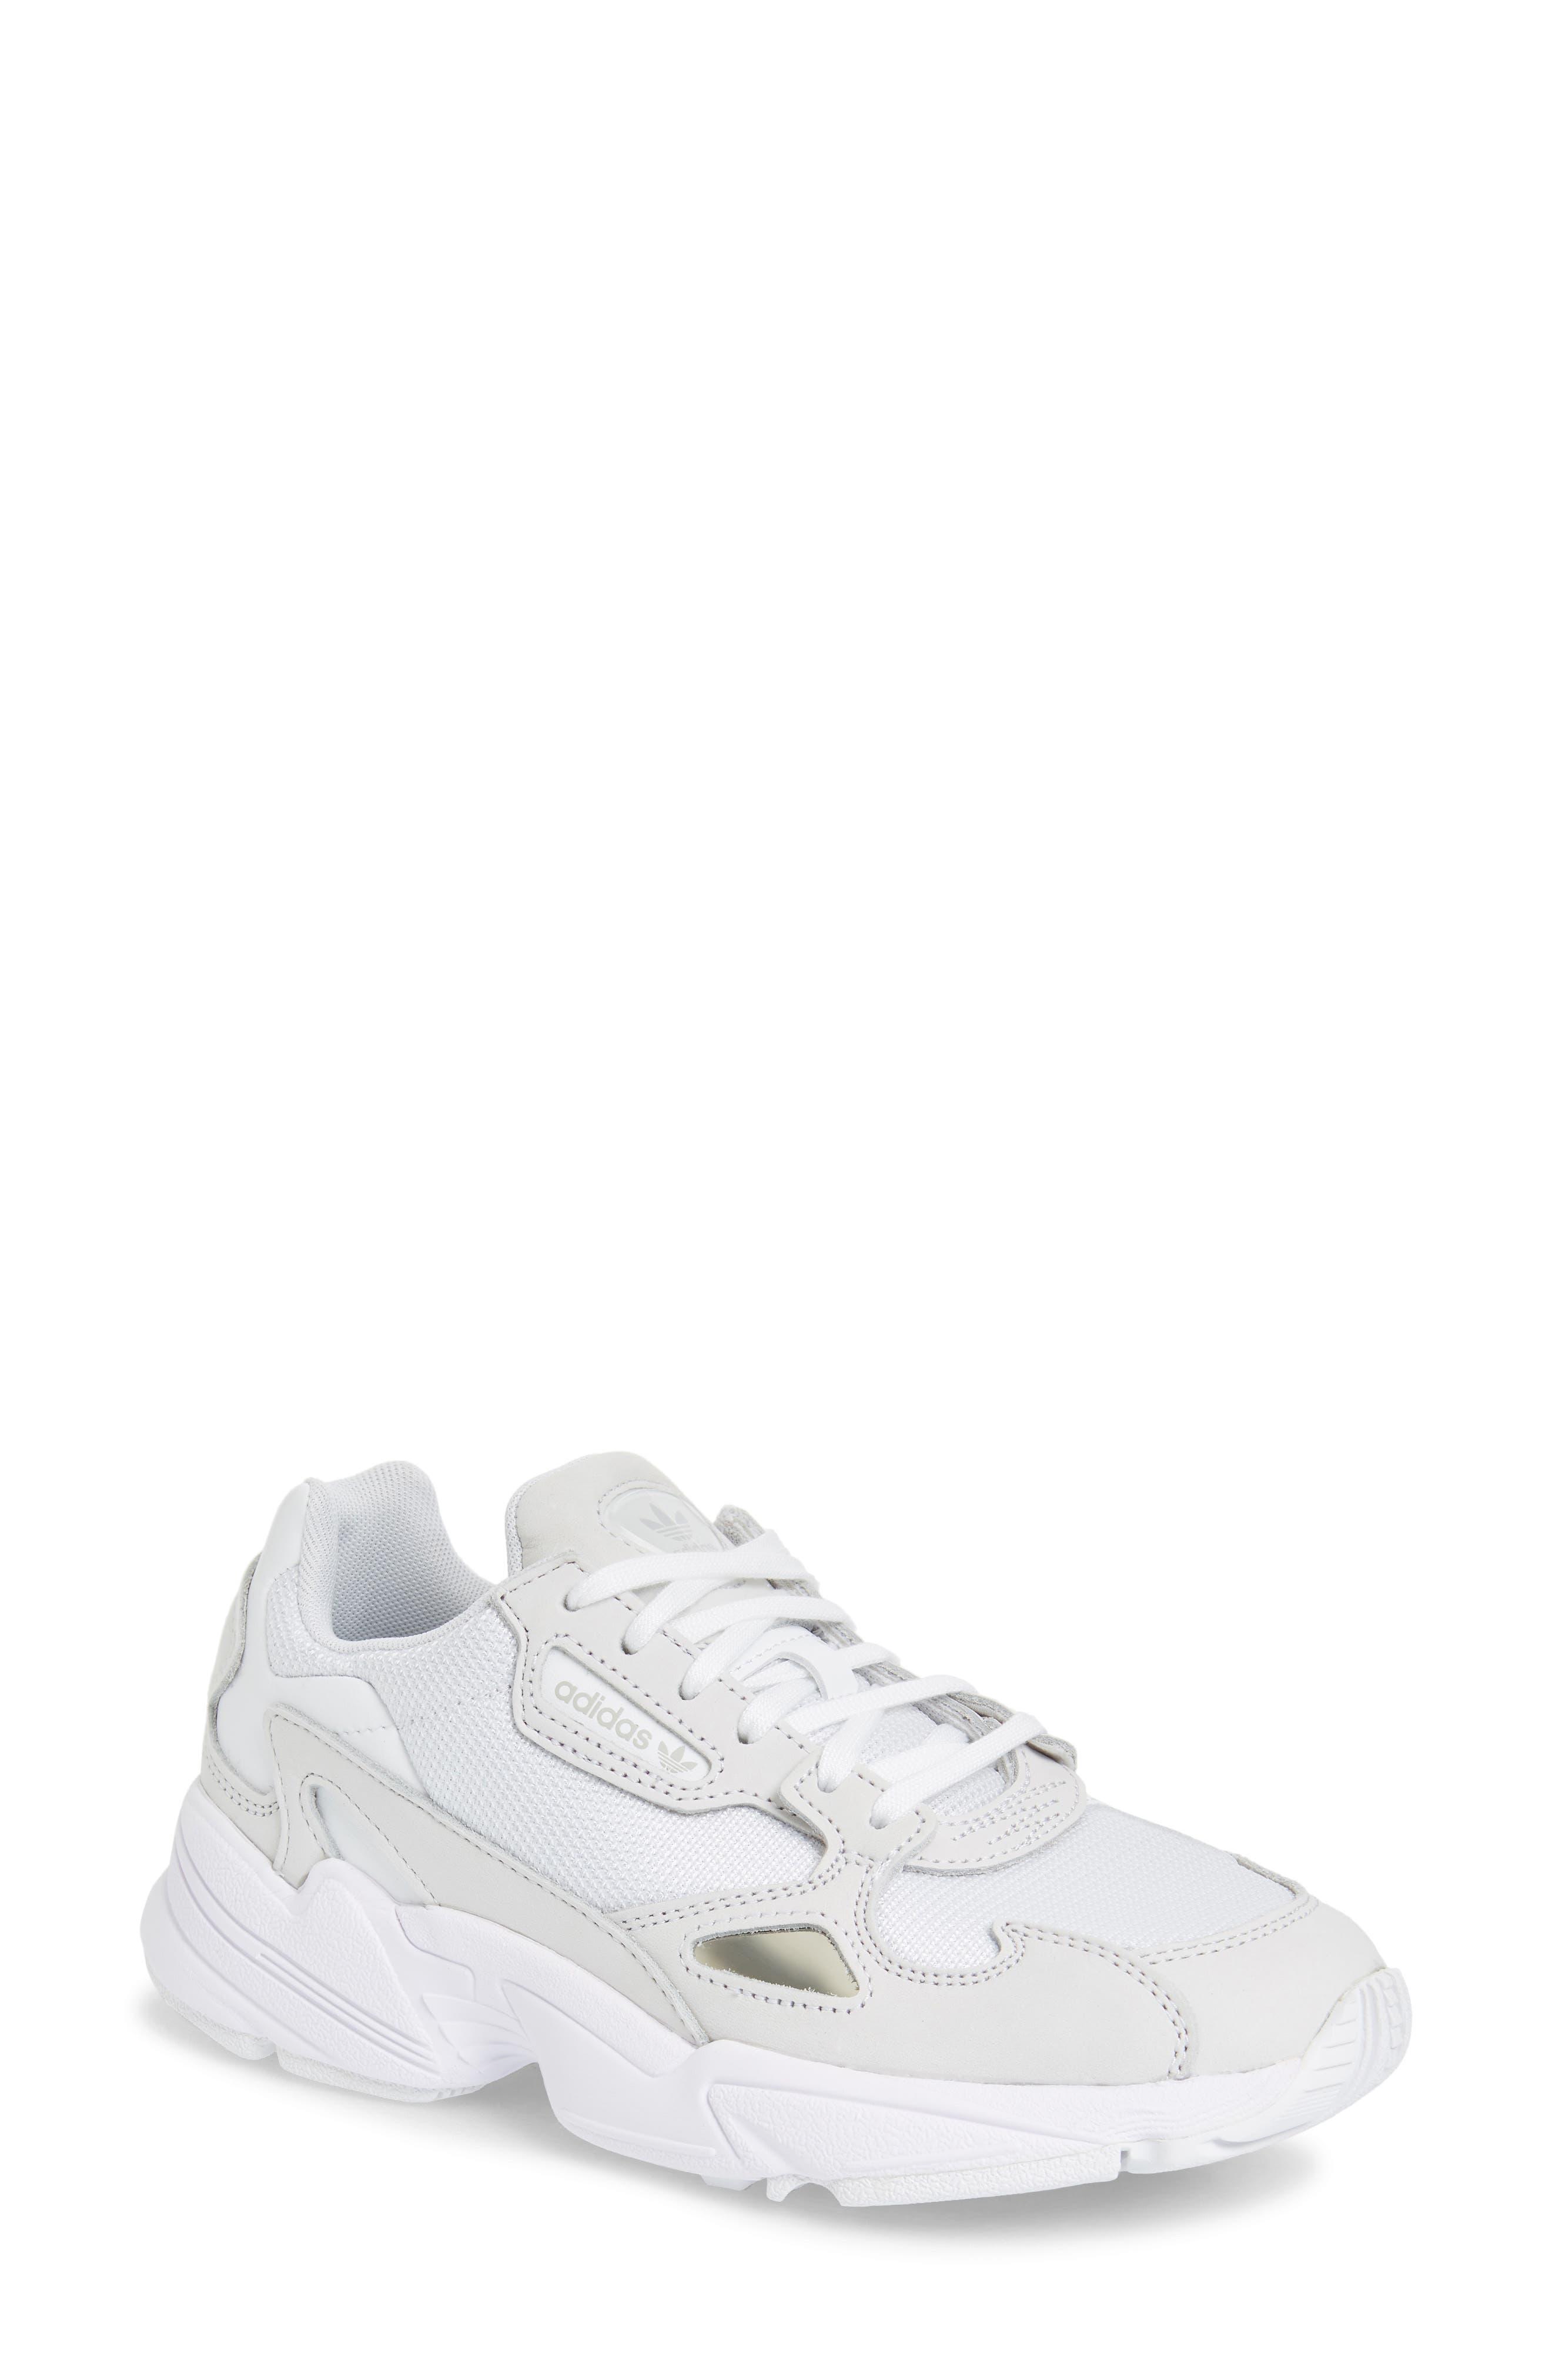 Adidas Falcon Sneaker, White